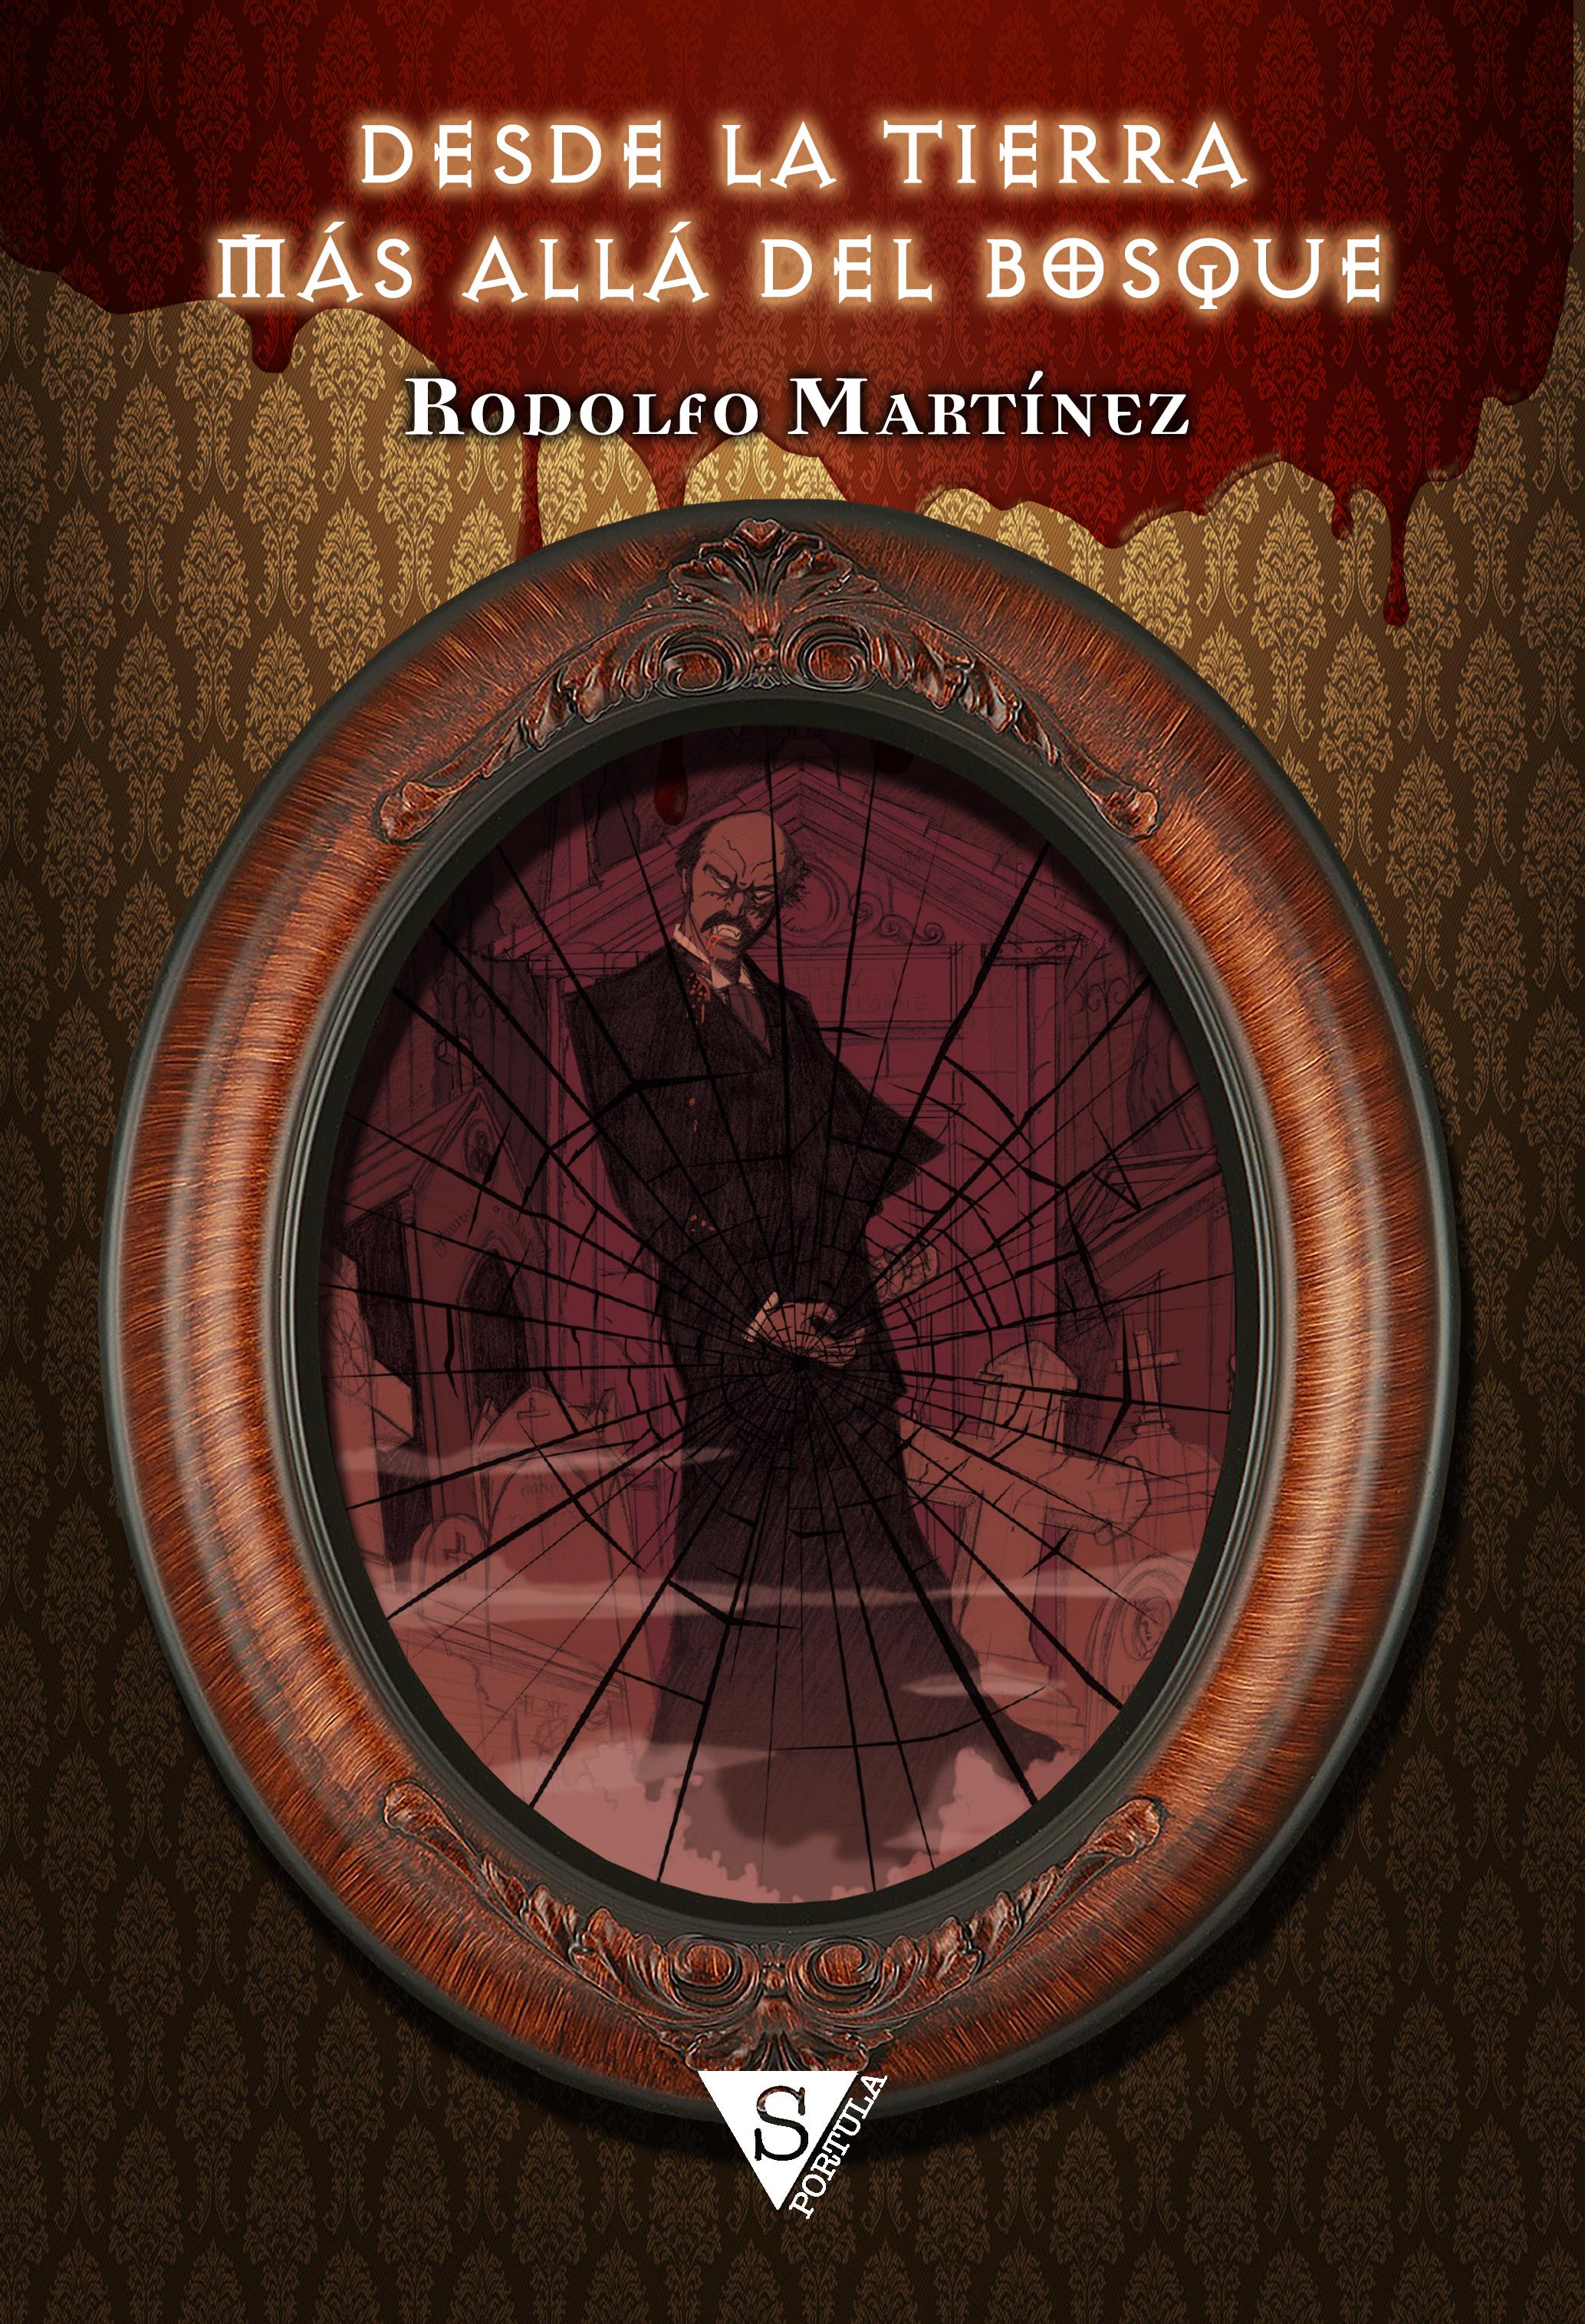 Descargar libro Desde la tierra más allá del bosque - Martínez Rodolfo